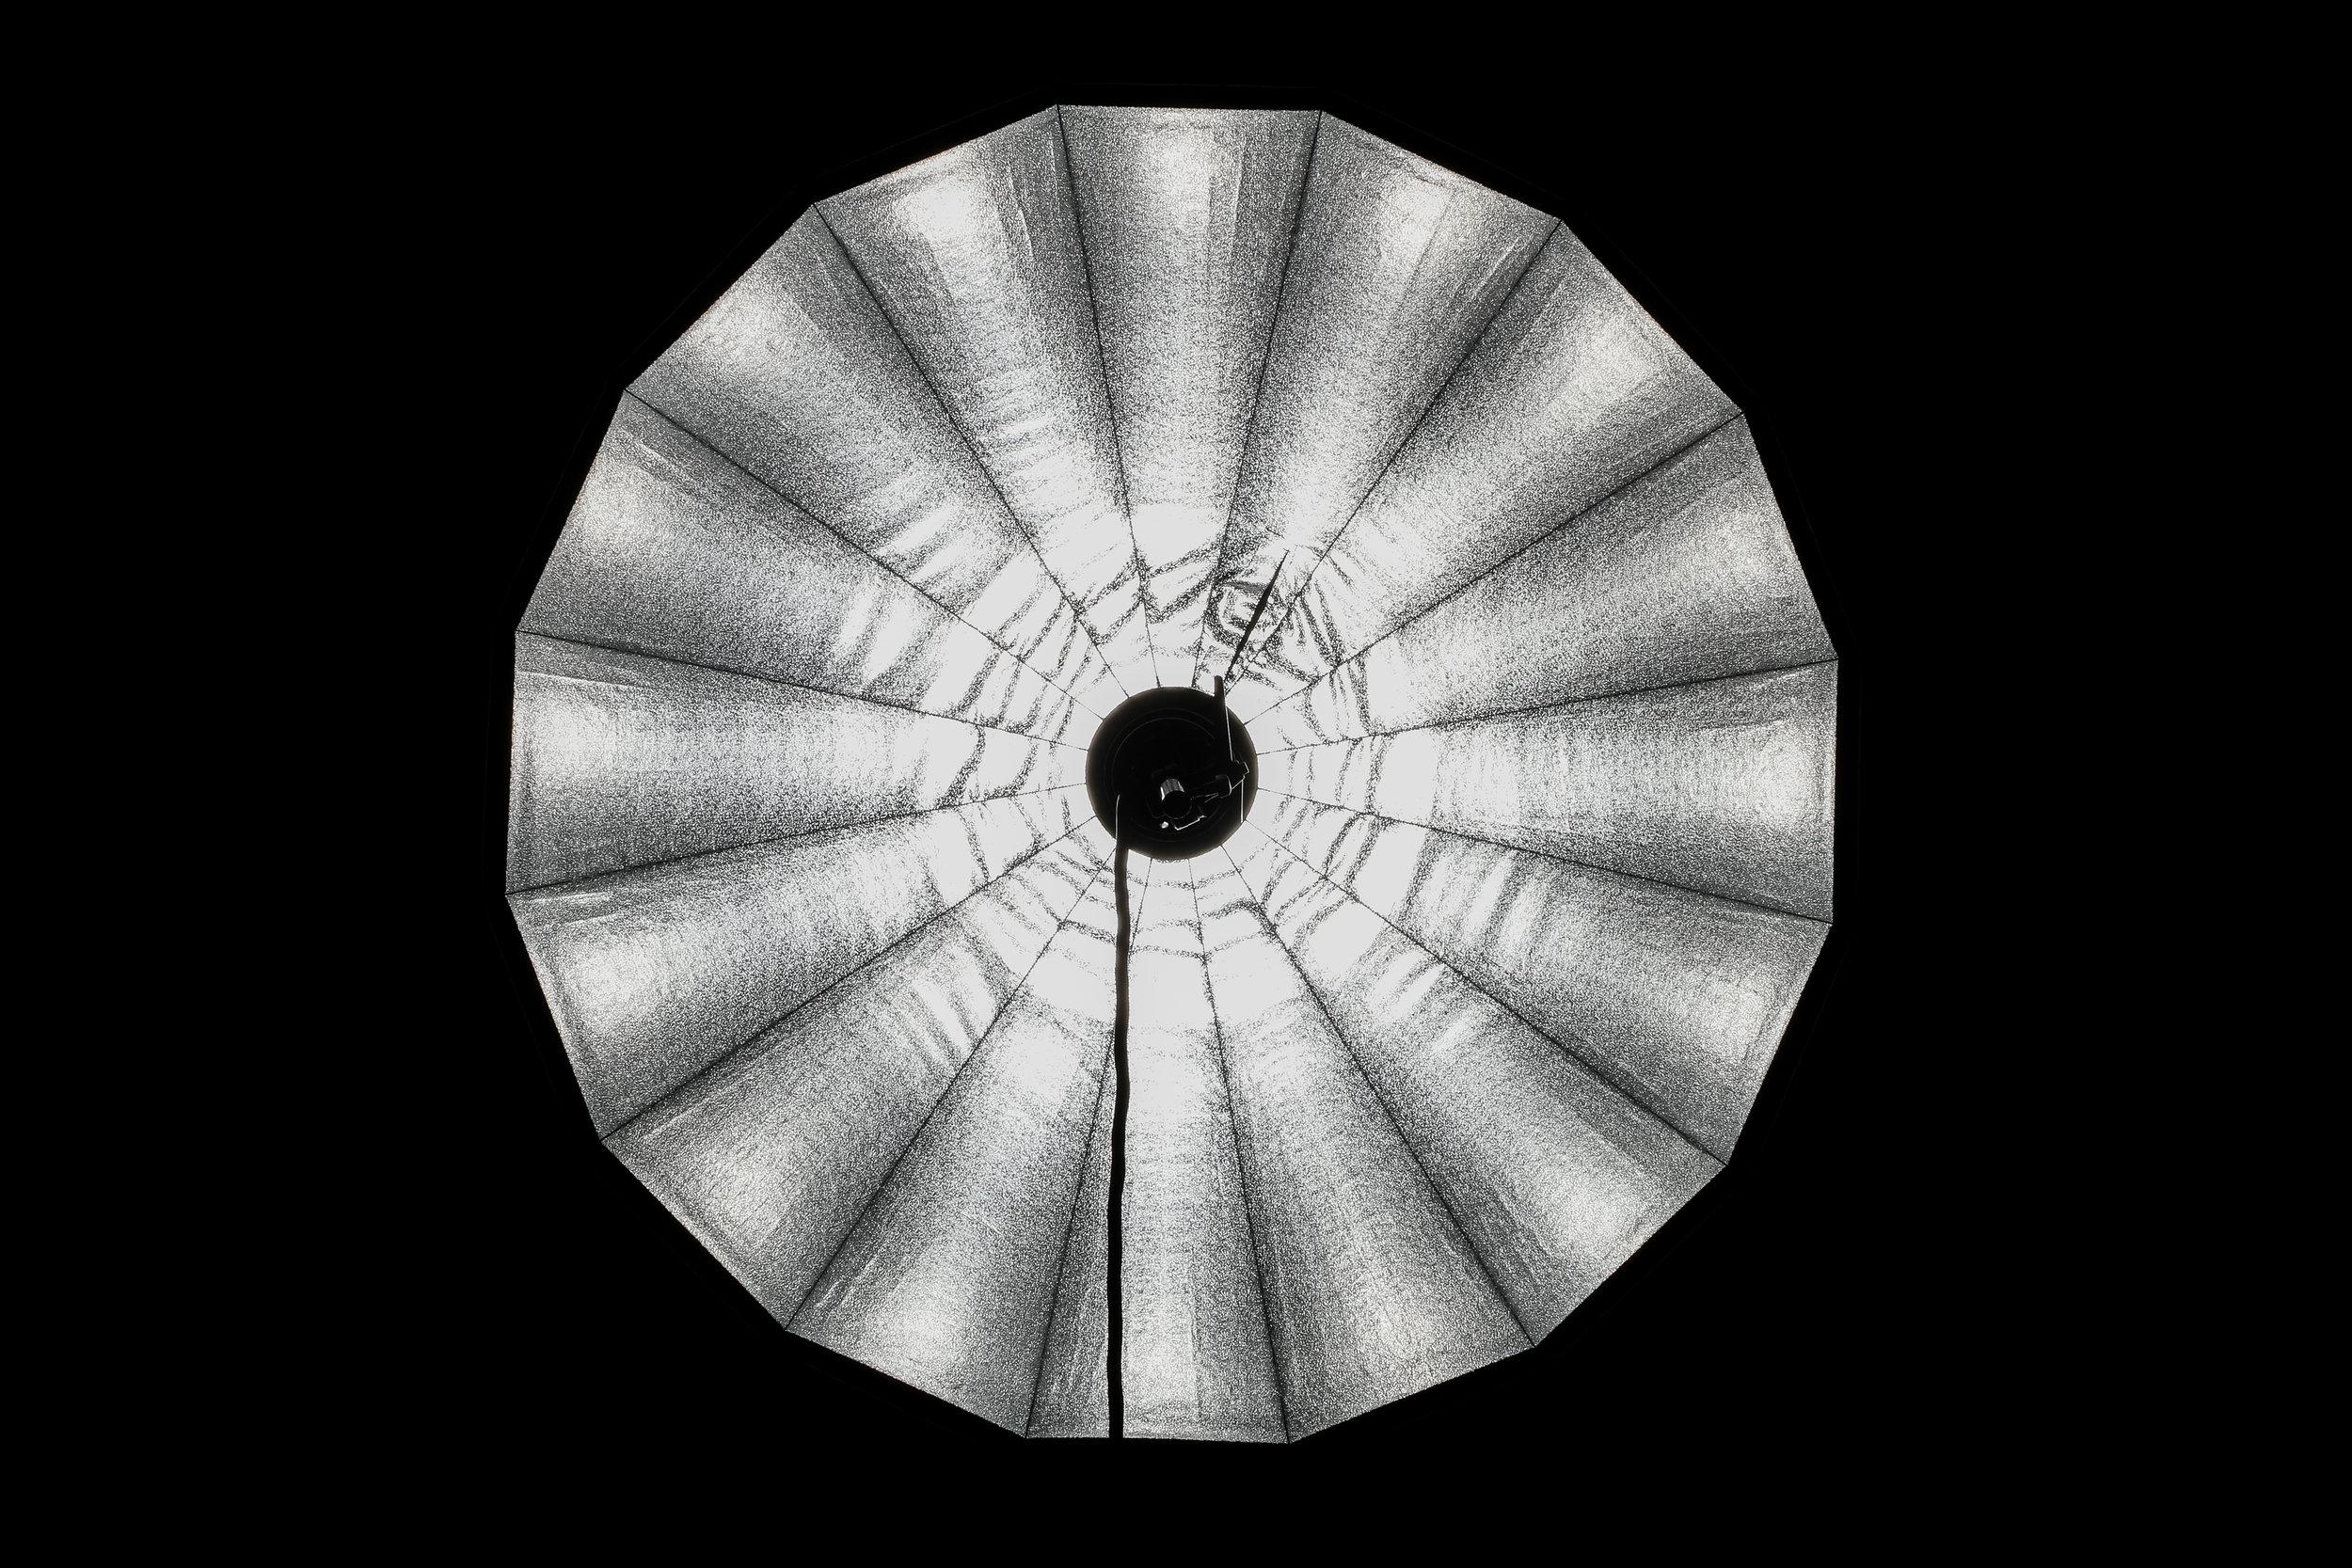 Parabolix 45 - Focused